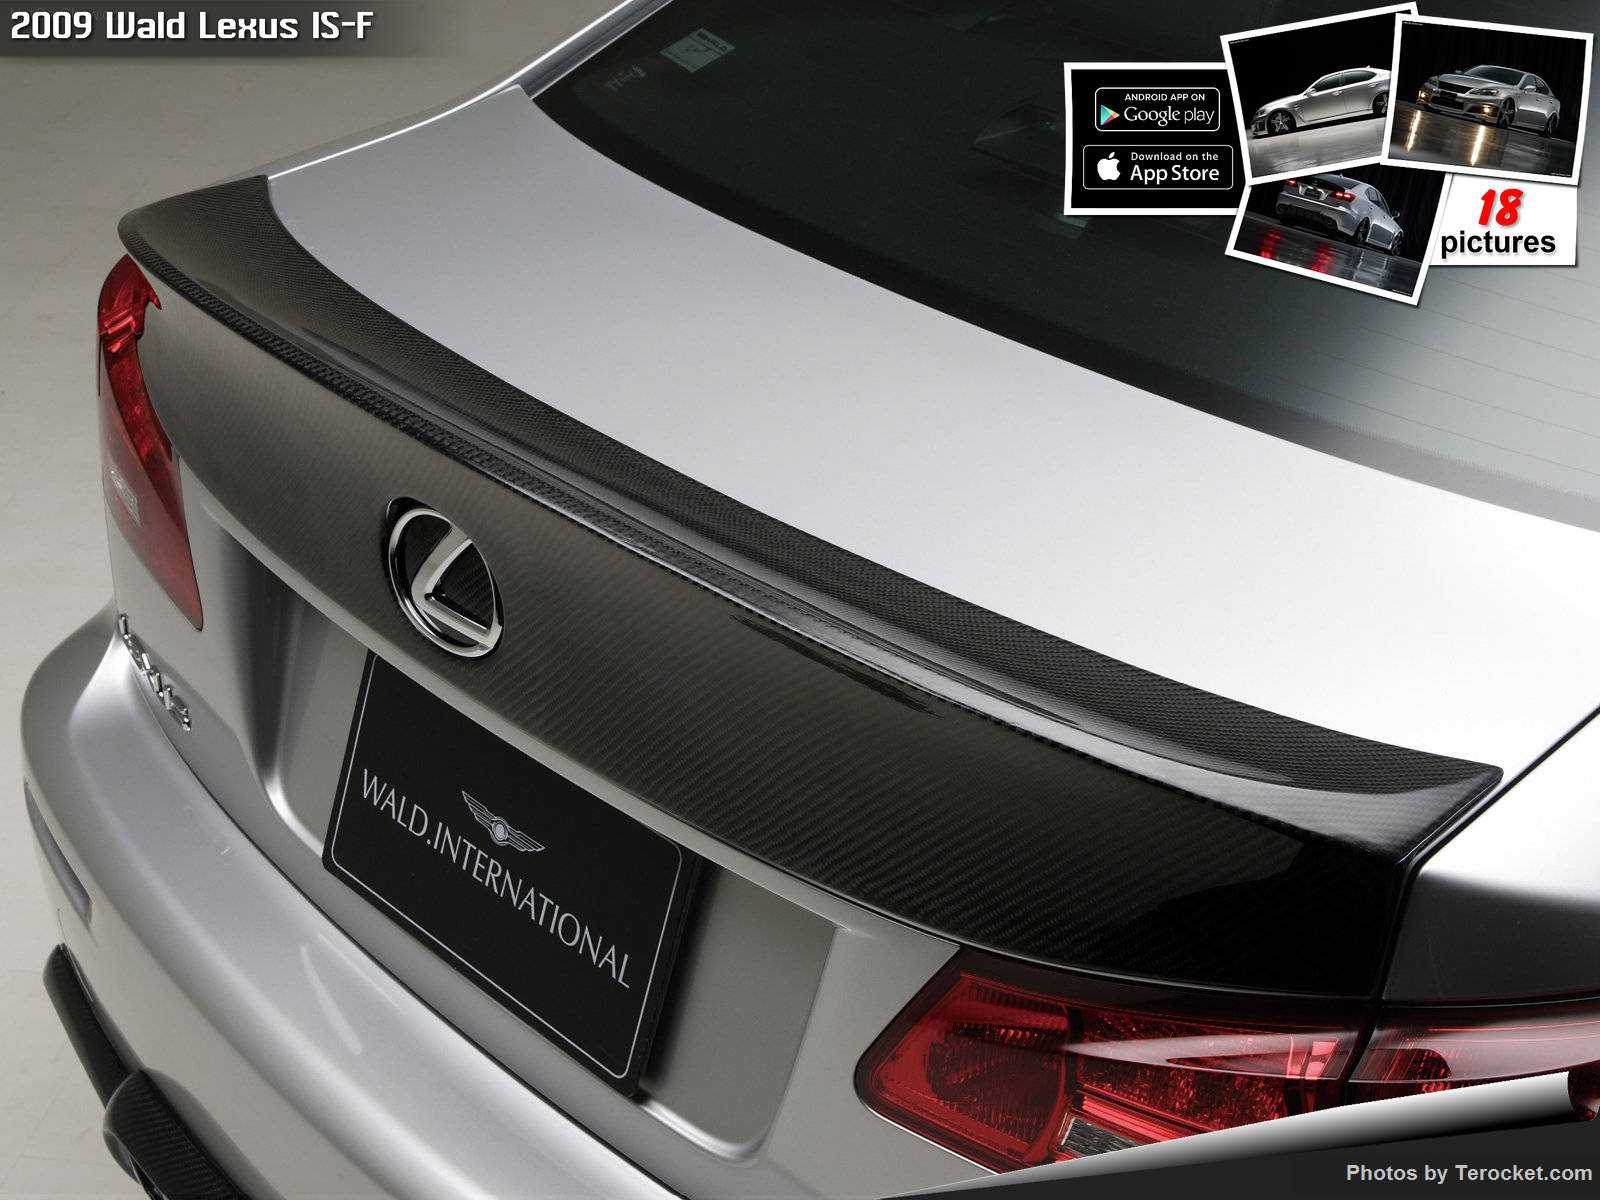 Hình ảnh xe độ Wald Lexus IS-F 2009 & nội ngoại thất